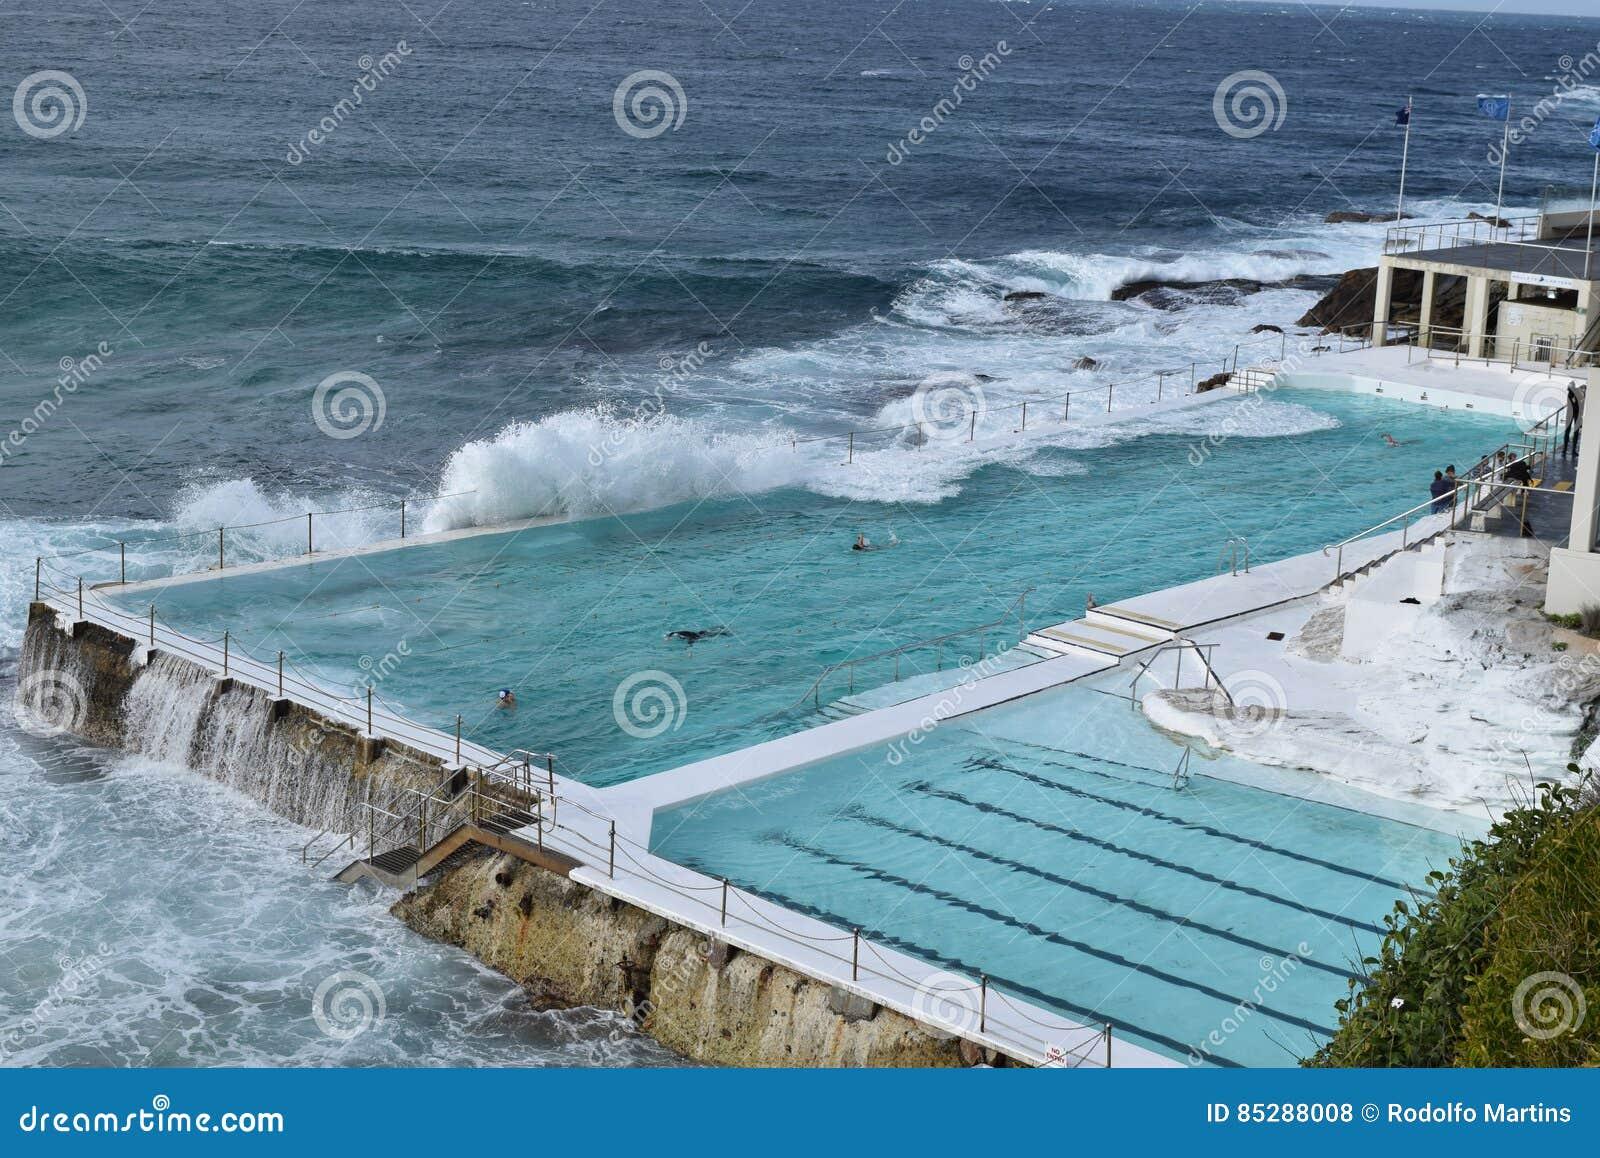 Icebergs Ocean Pool In Bondi Beach Stock Photo Image Of Backgroud Ocean 85288008